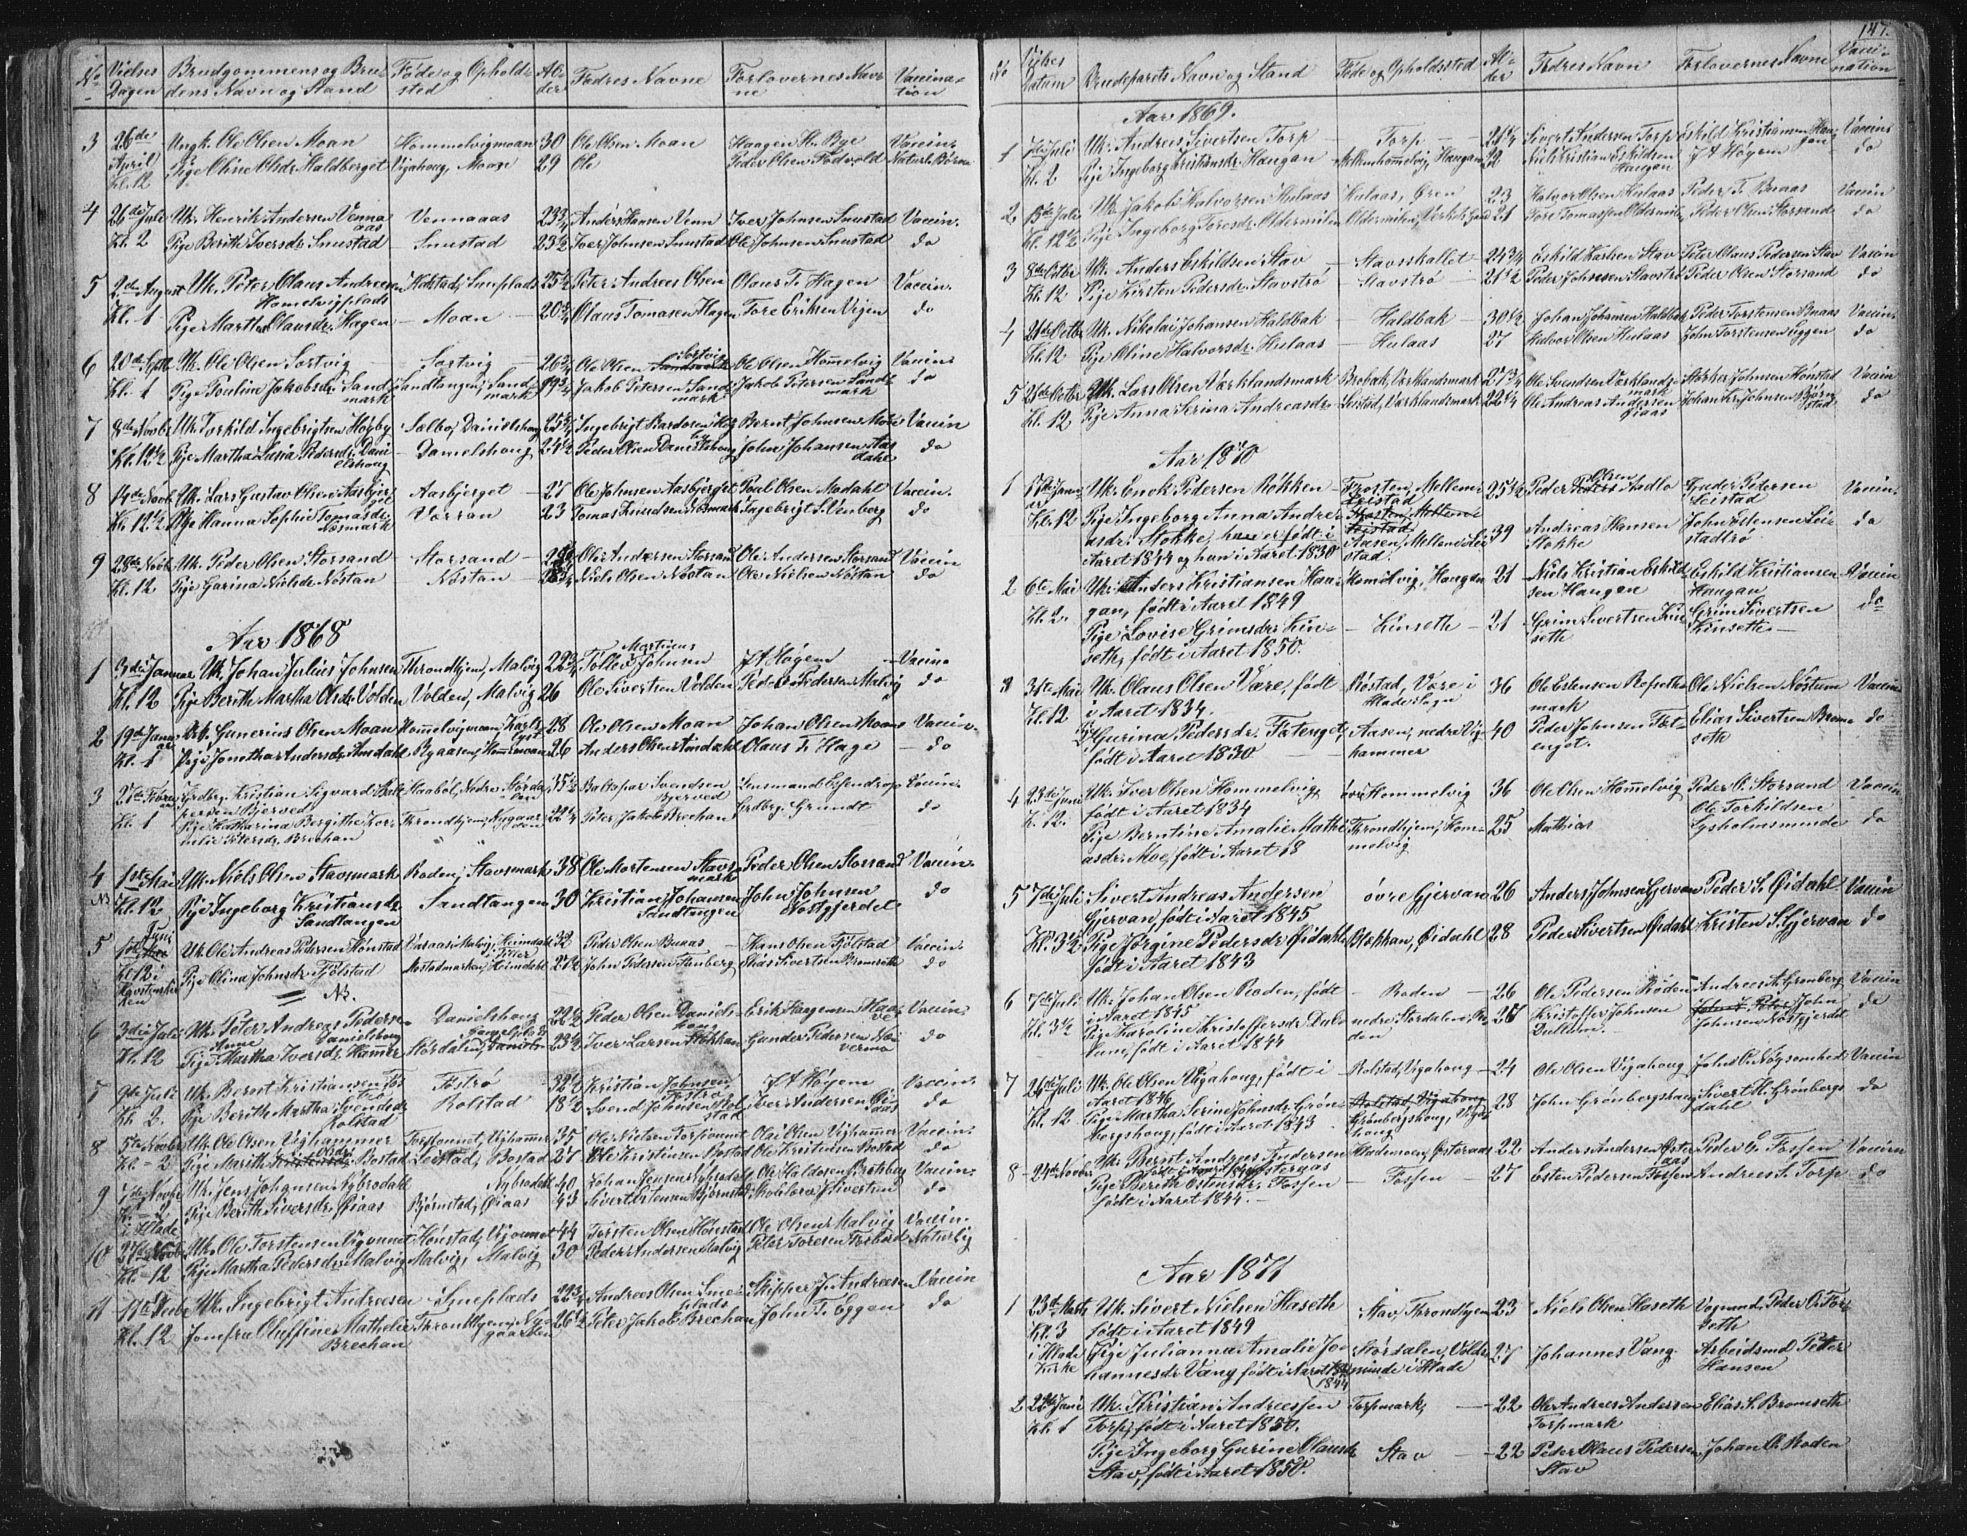 SAT, Ministerialprotokoller, klokkerbøker og fødselsregistre - Sør-Trøndelag, 616/L0406: Ministerialbok nr. 616A03, 1843-1879, s. 147